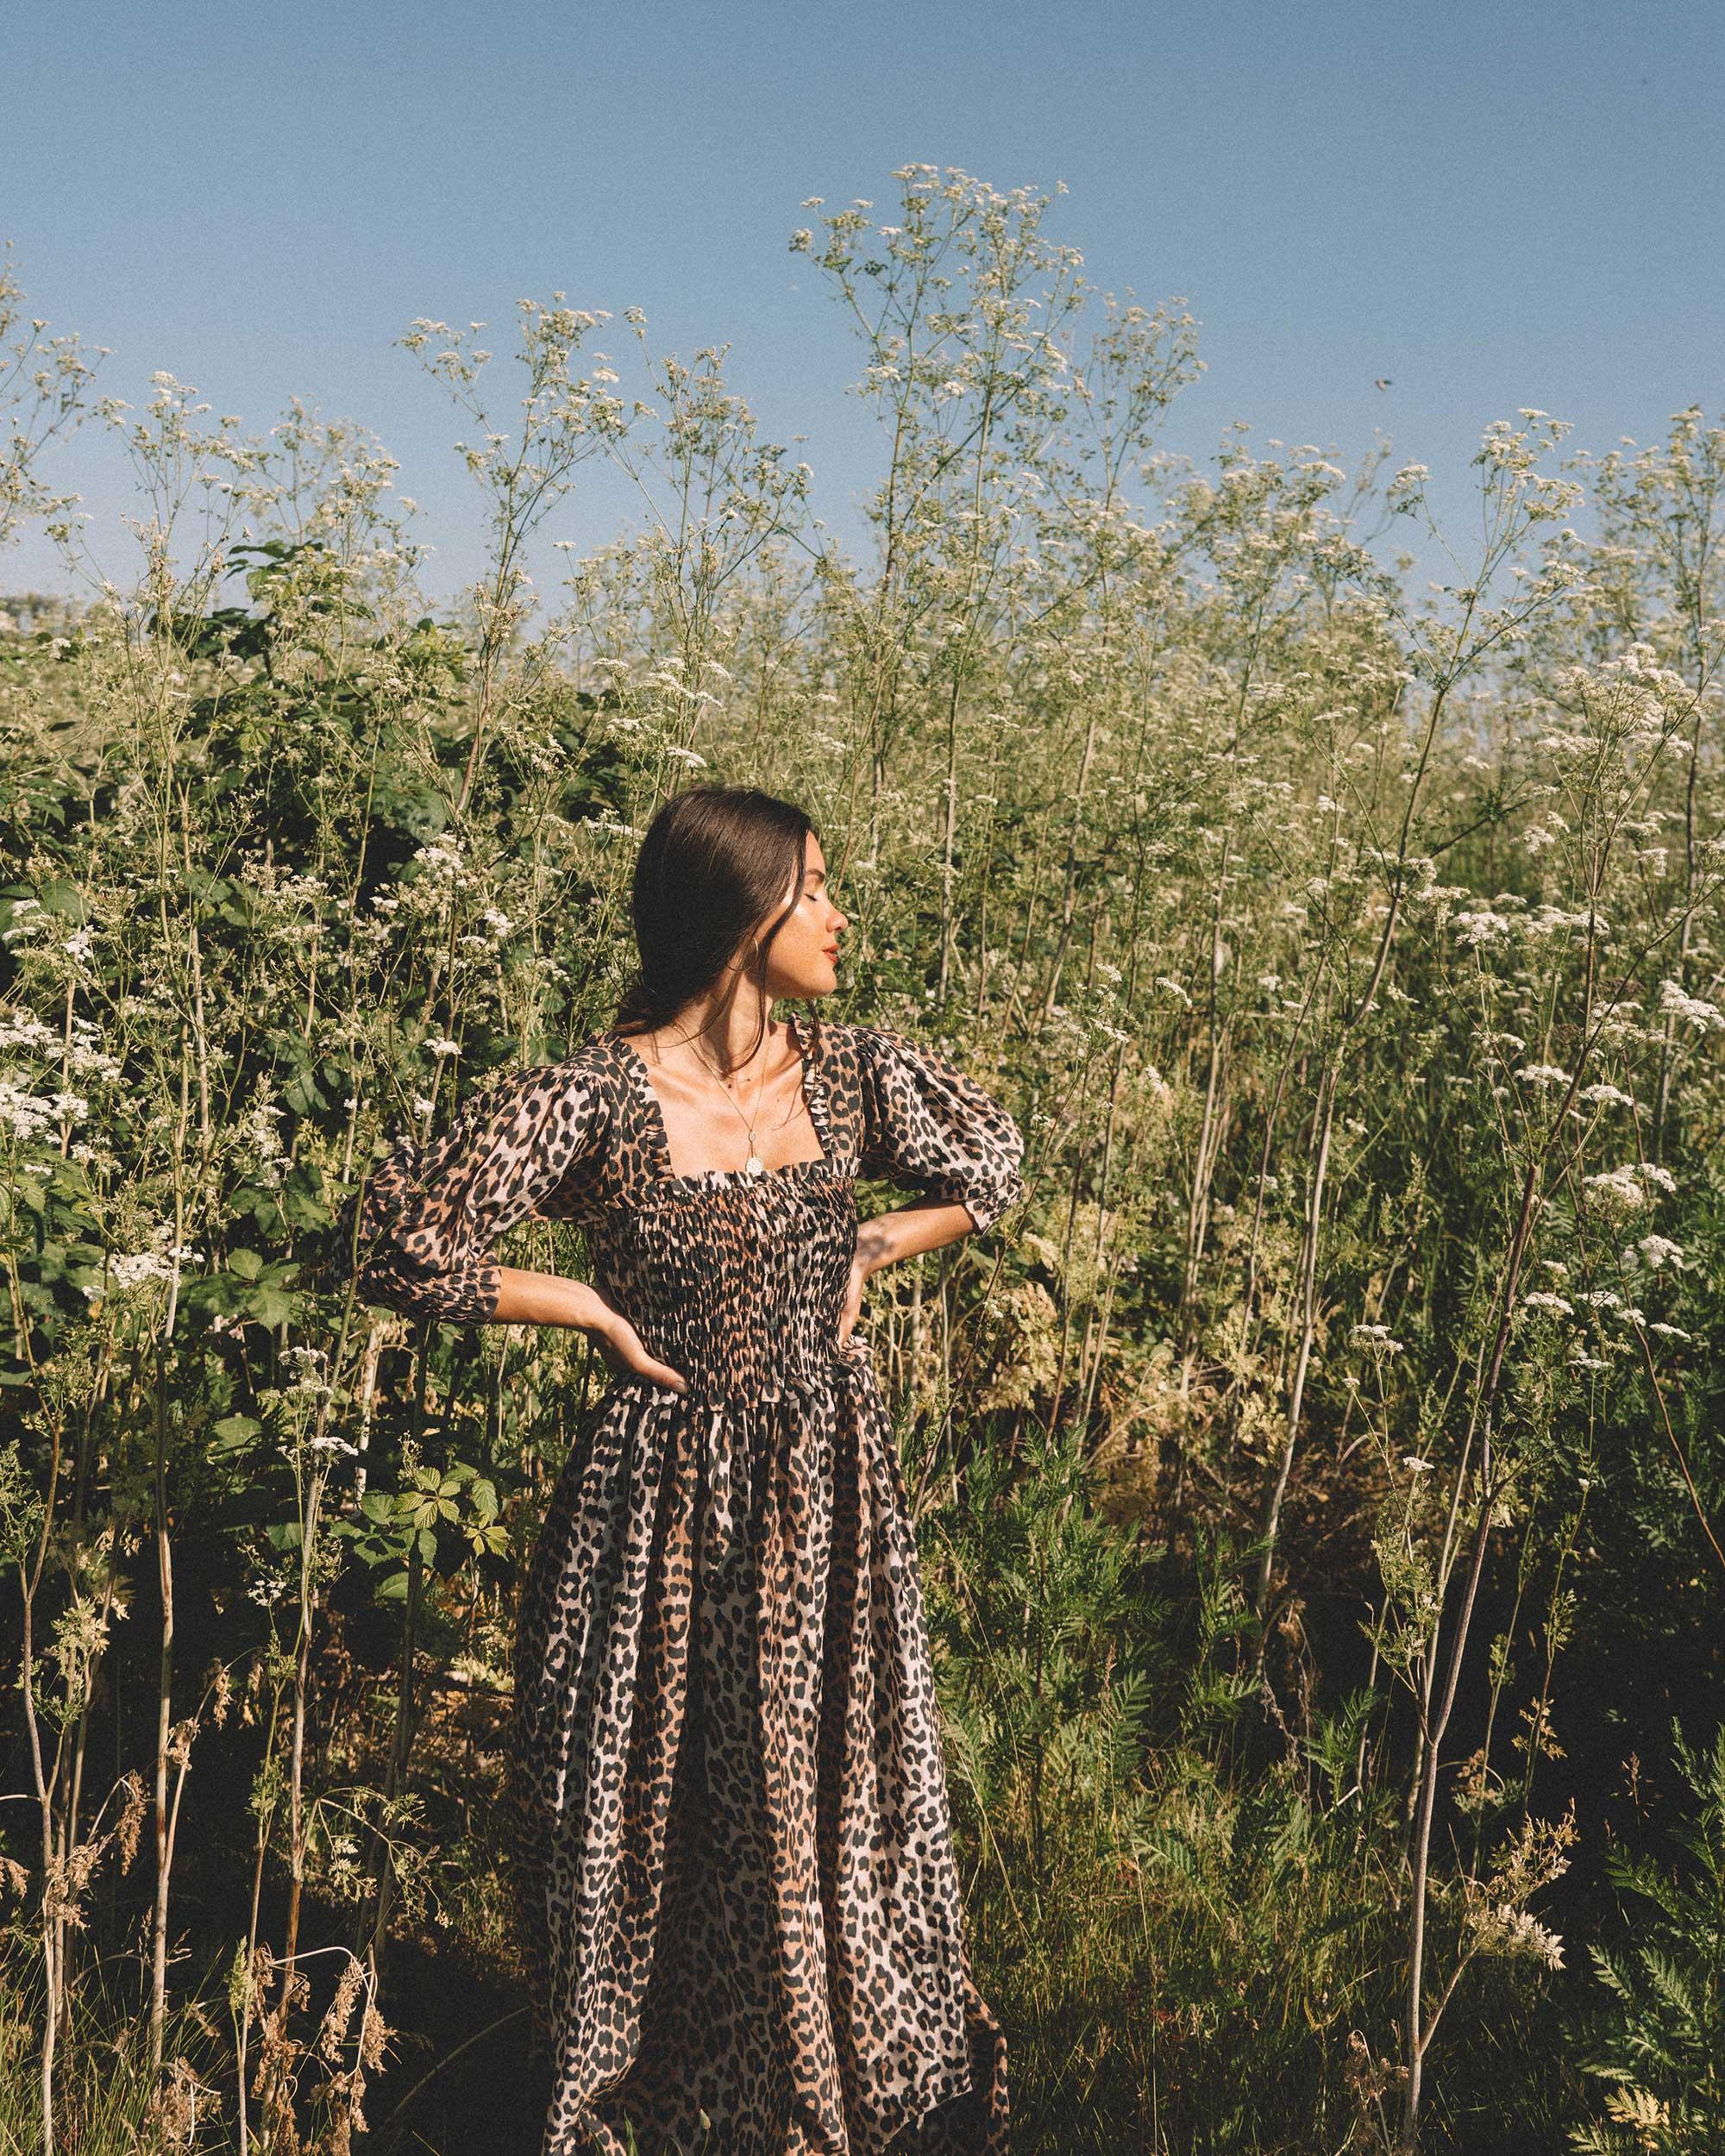 Ganni Girl - Summer feelings in Ganni leopard-print maxi dress and Ganni wide brim hat.